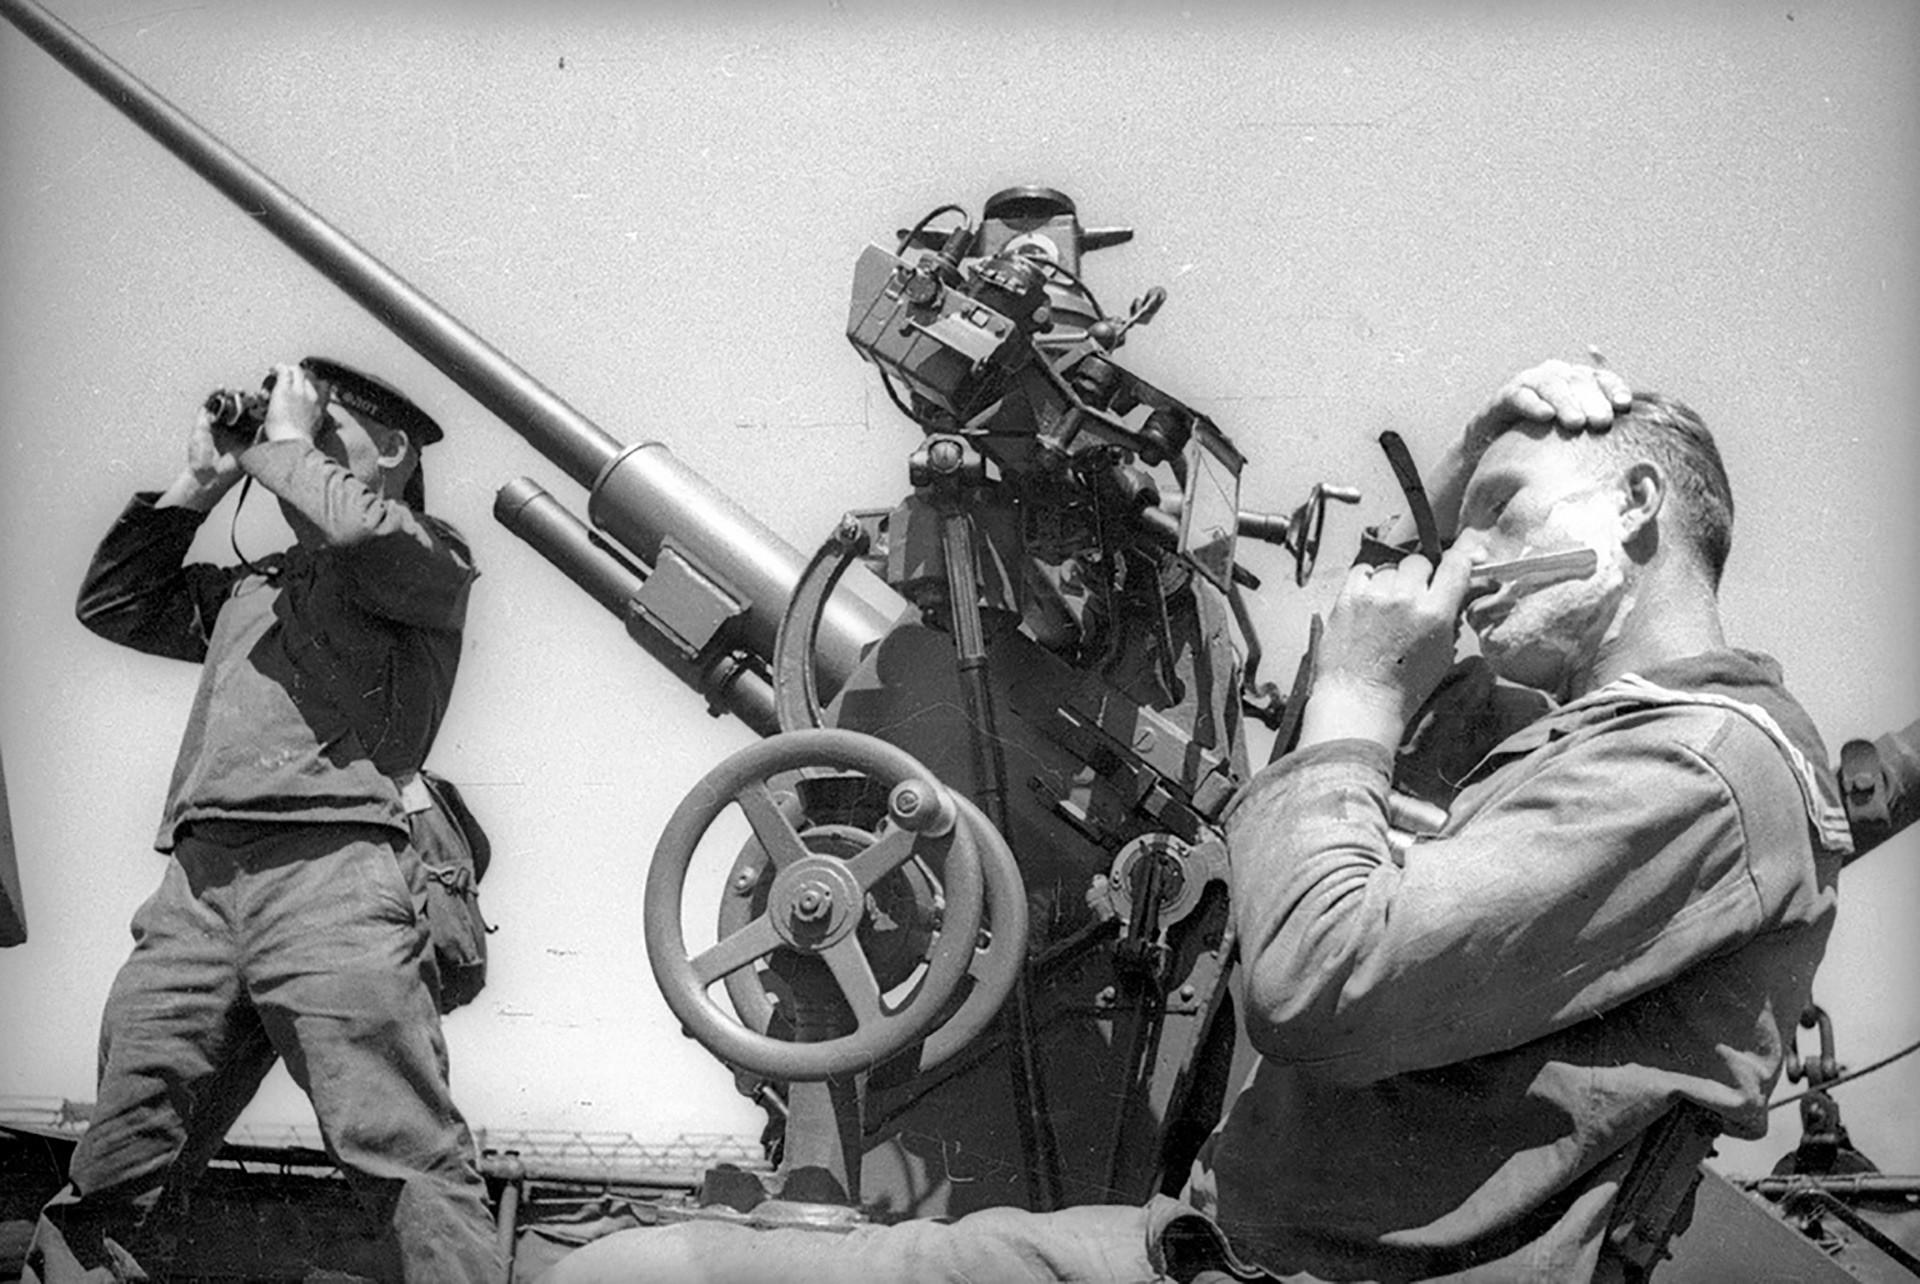 駆逐艦「ソオブラジーテルネィ」(「すばしこい」という意味)。海軍の兵士の休み。